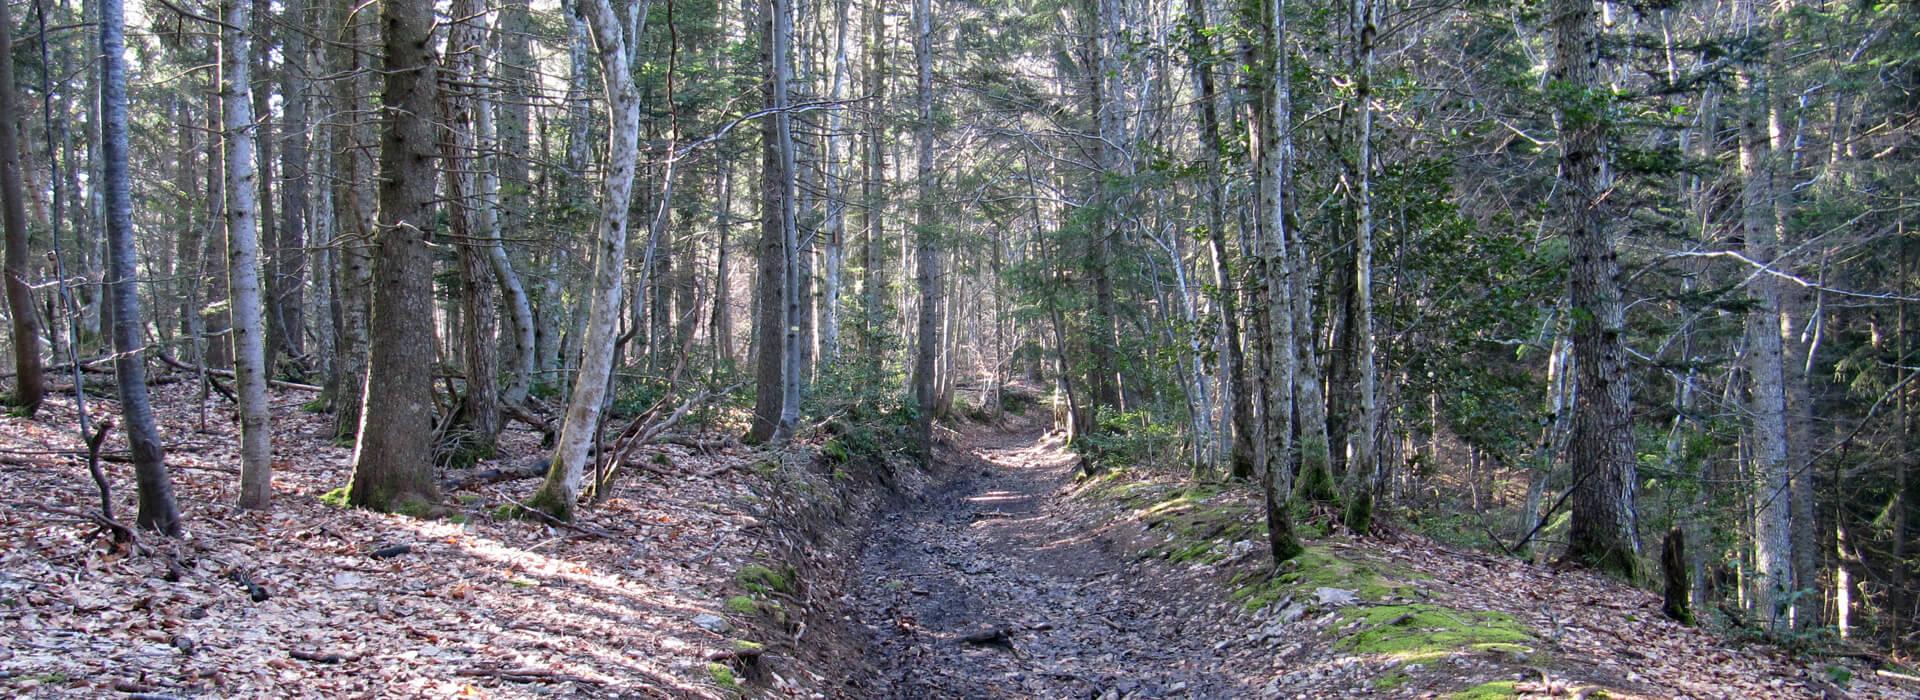 Recherche - Trouver votre randonnée